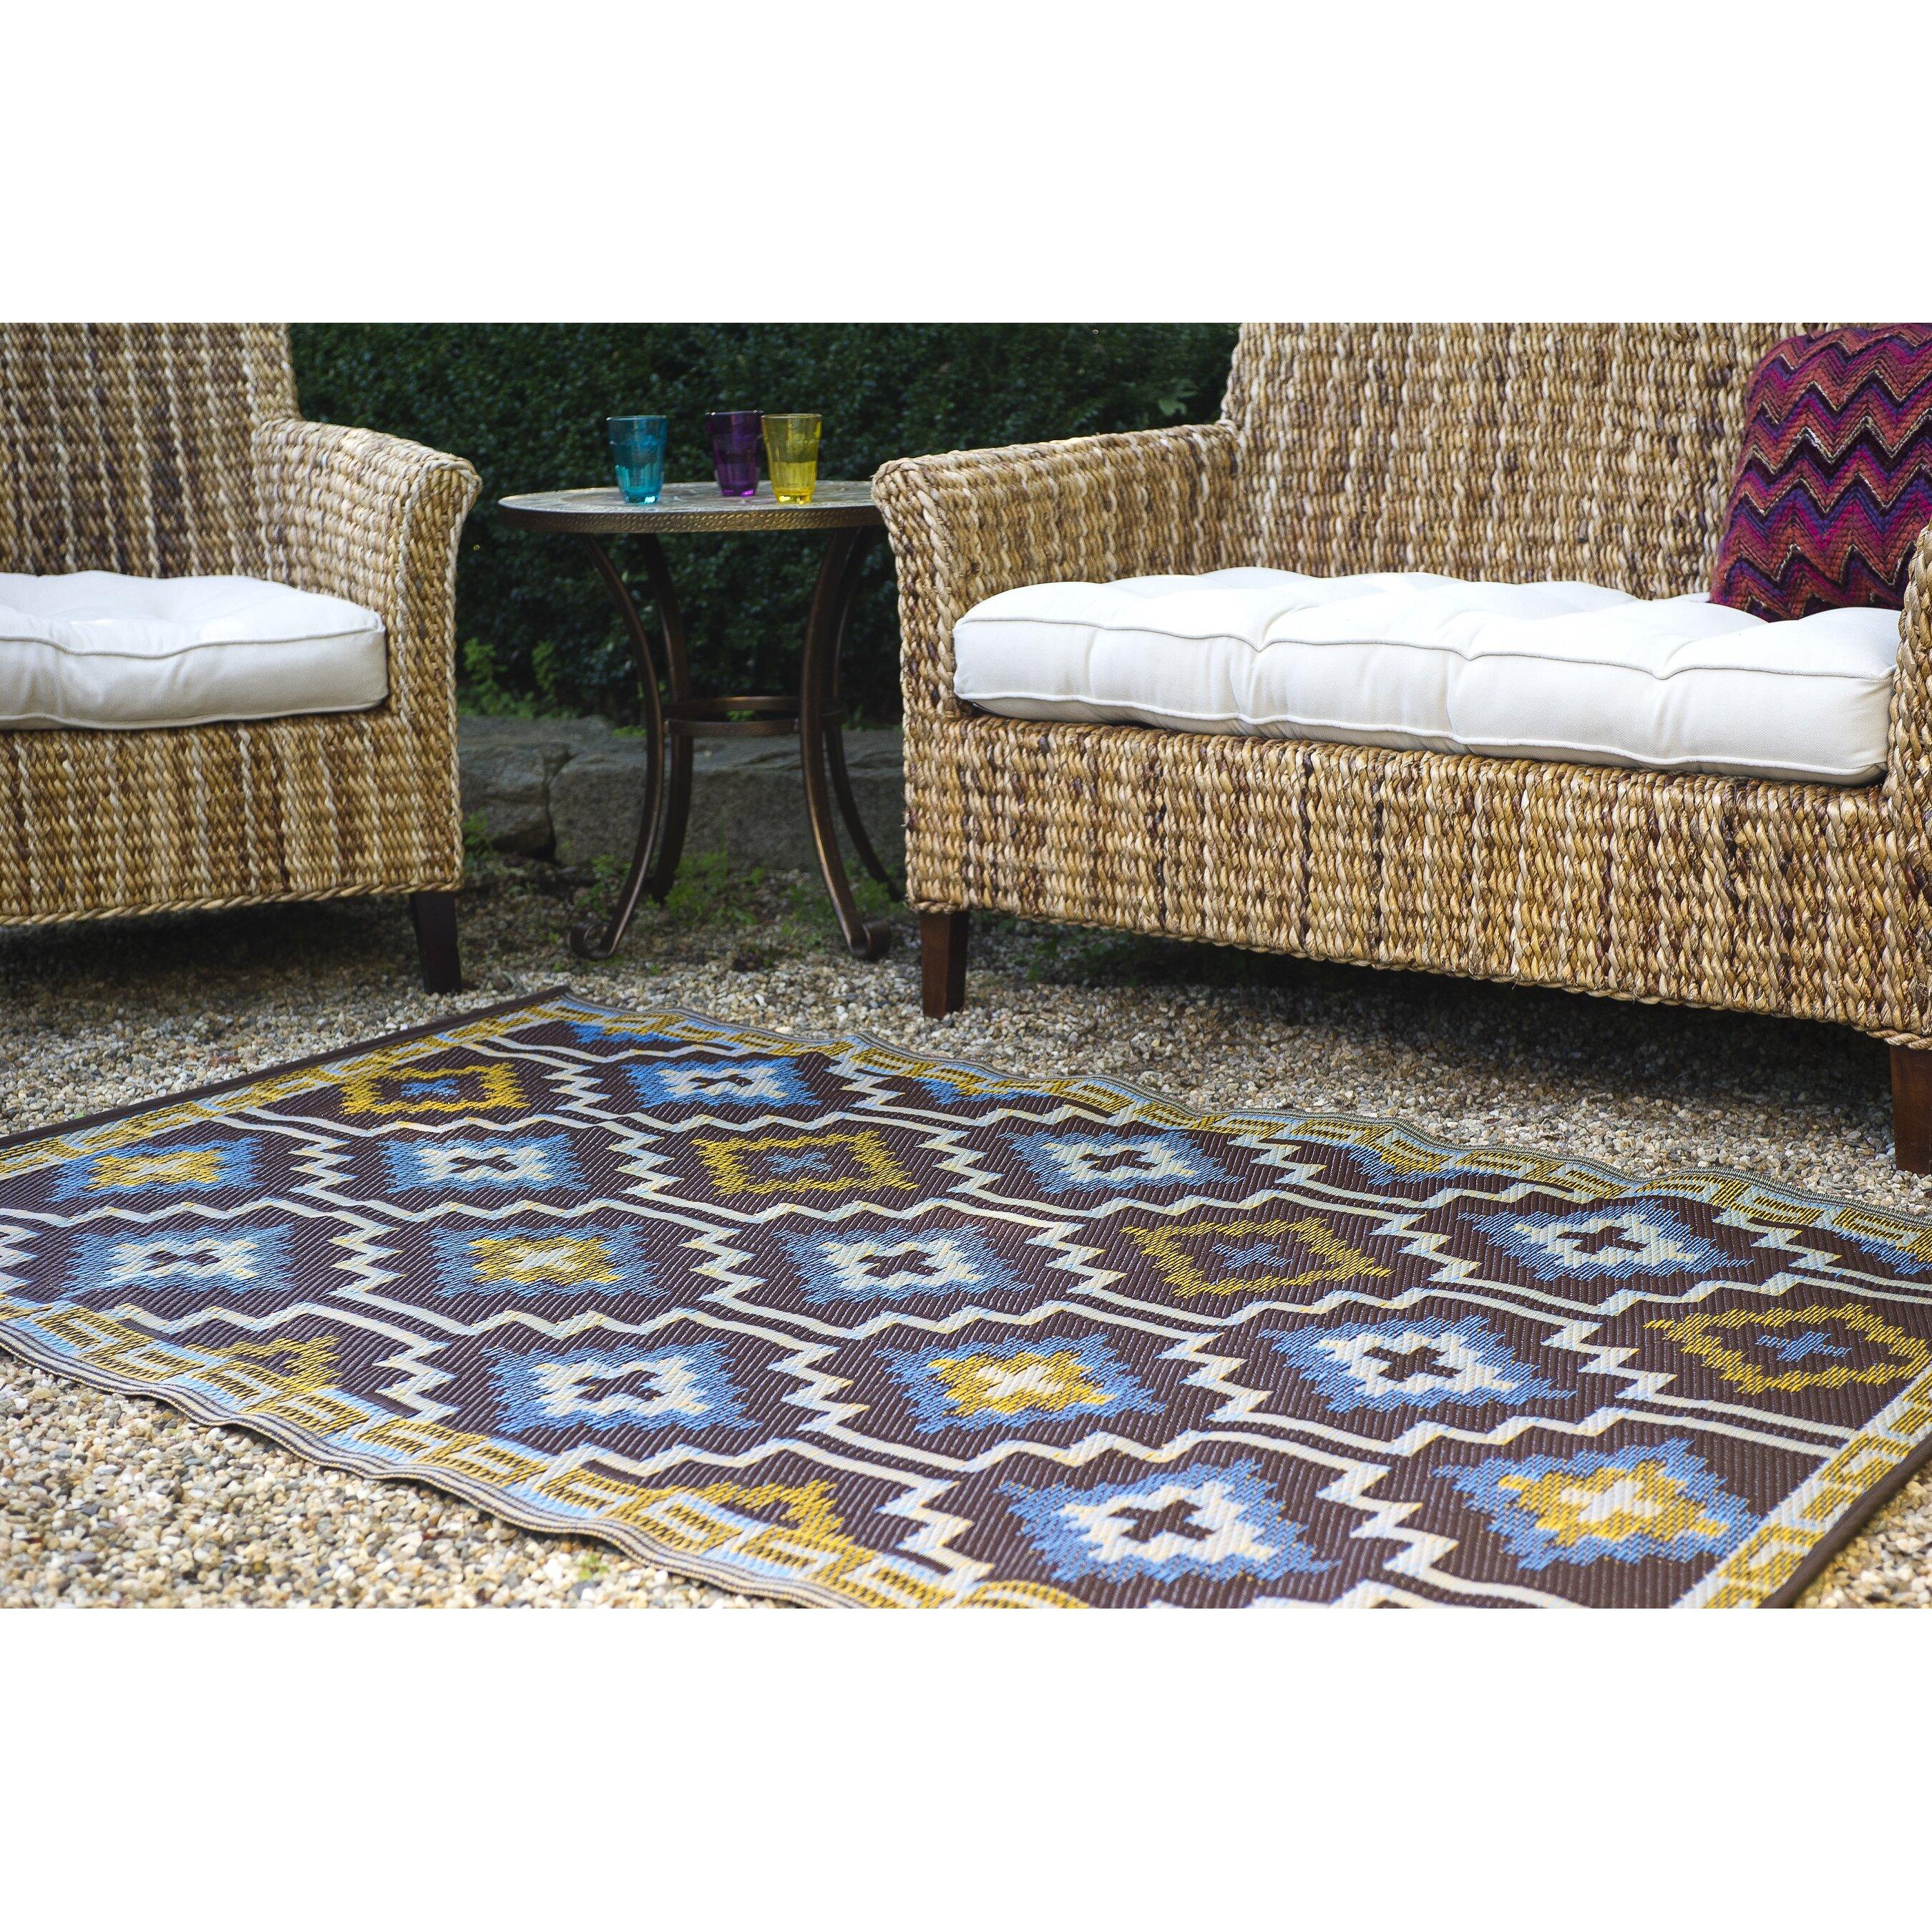 Recycled Plastic Outdoor Rugs Uk: AlpenHome Madawaska Hand-Woven Blue Indoor/Outdoor Area